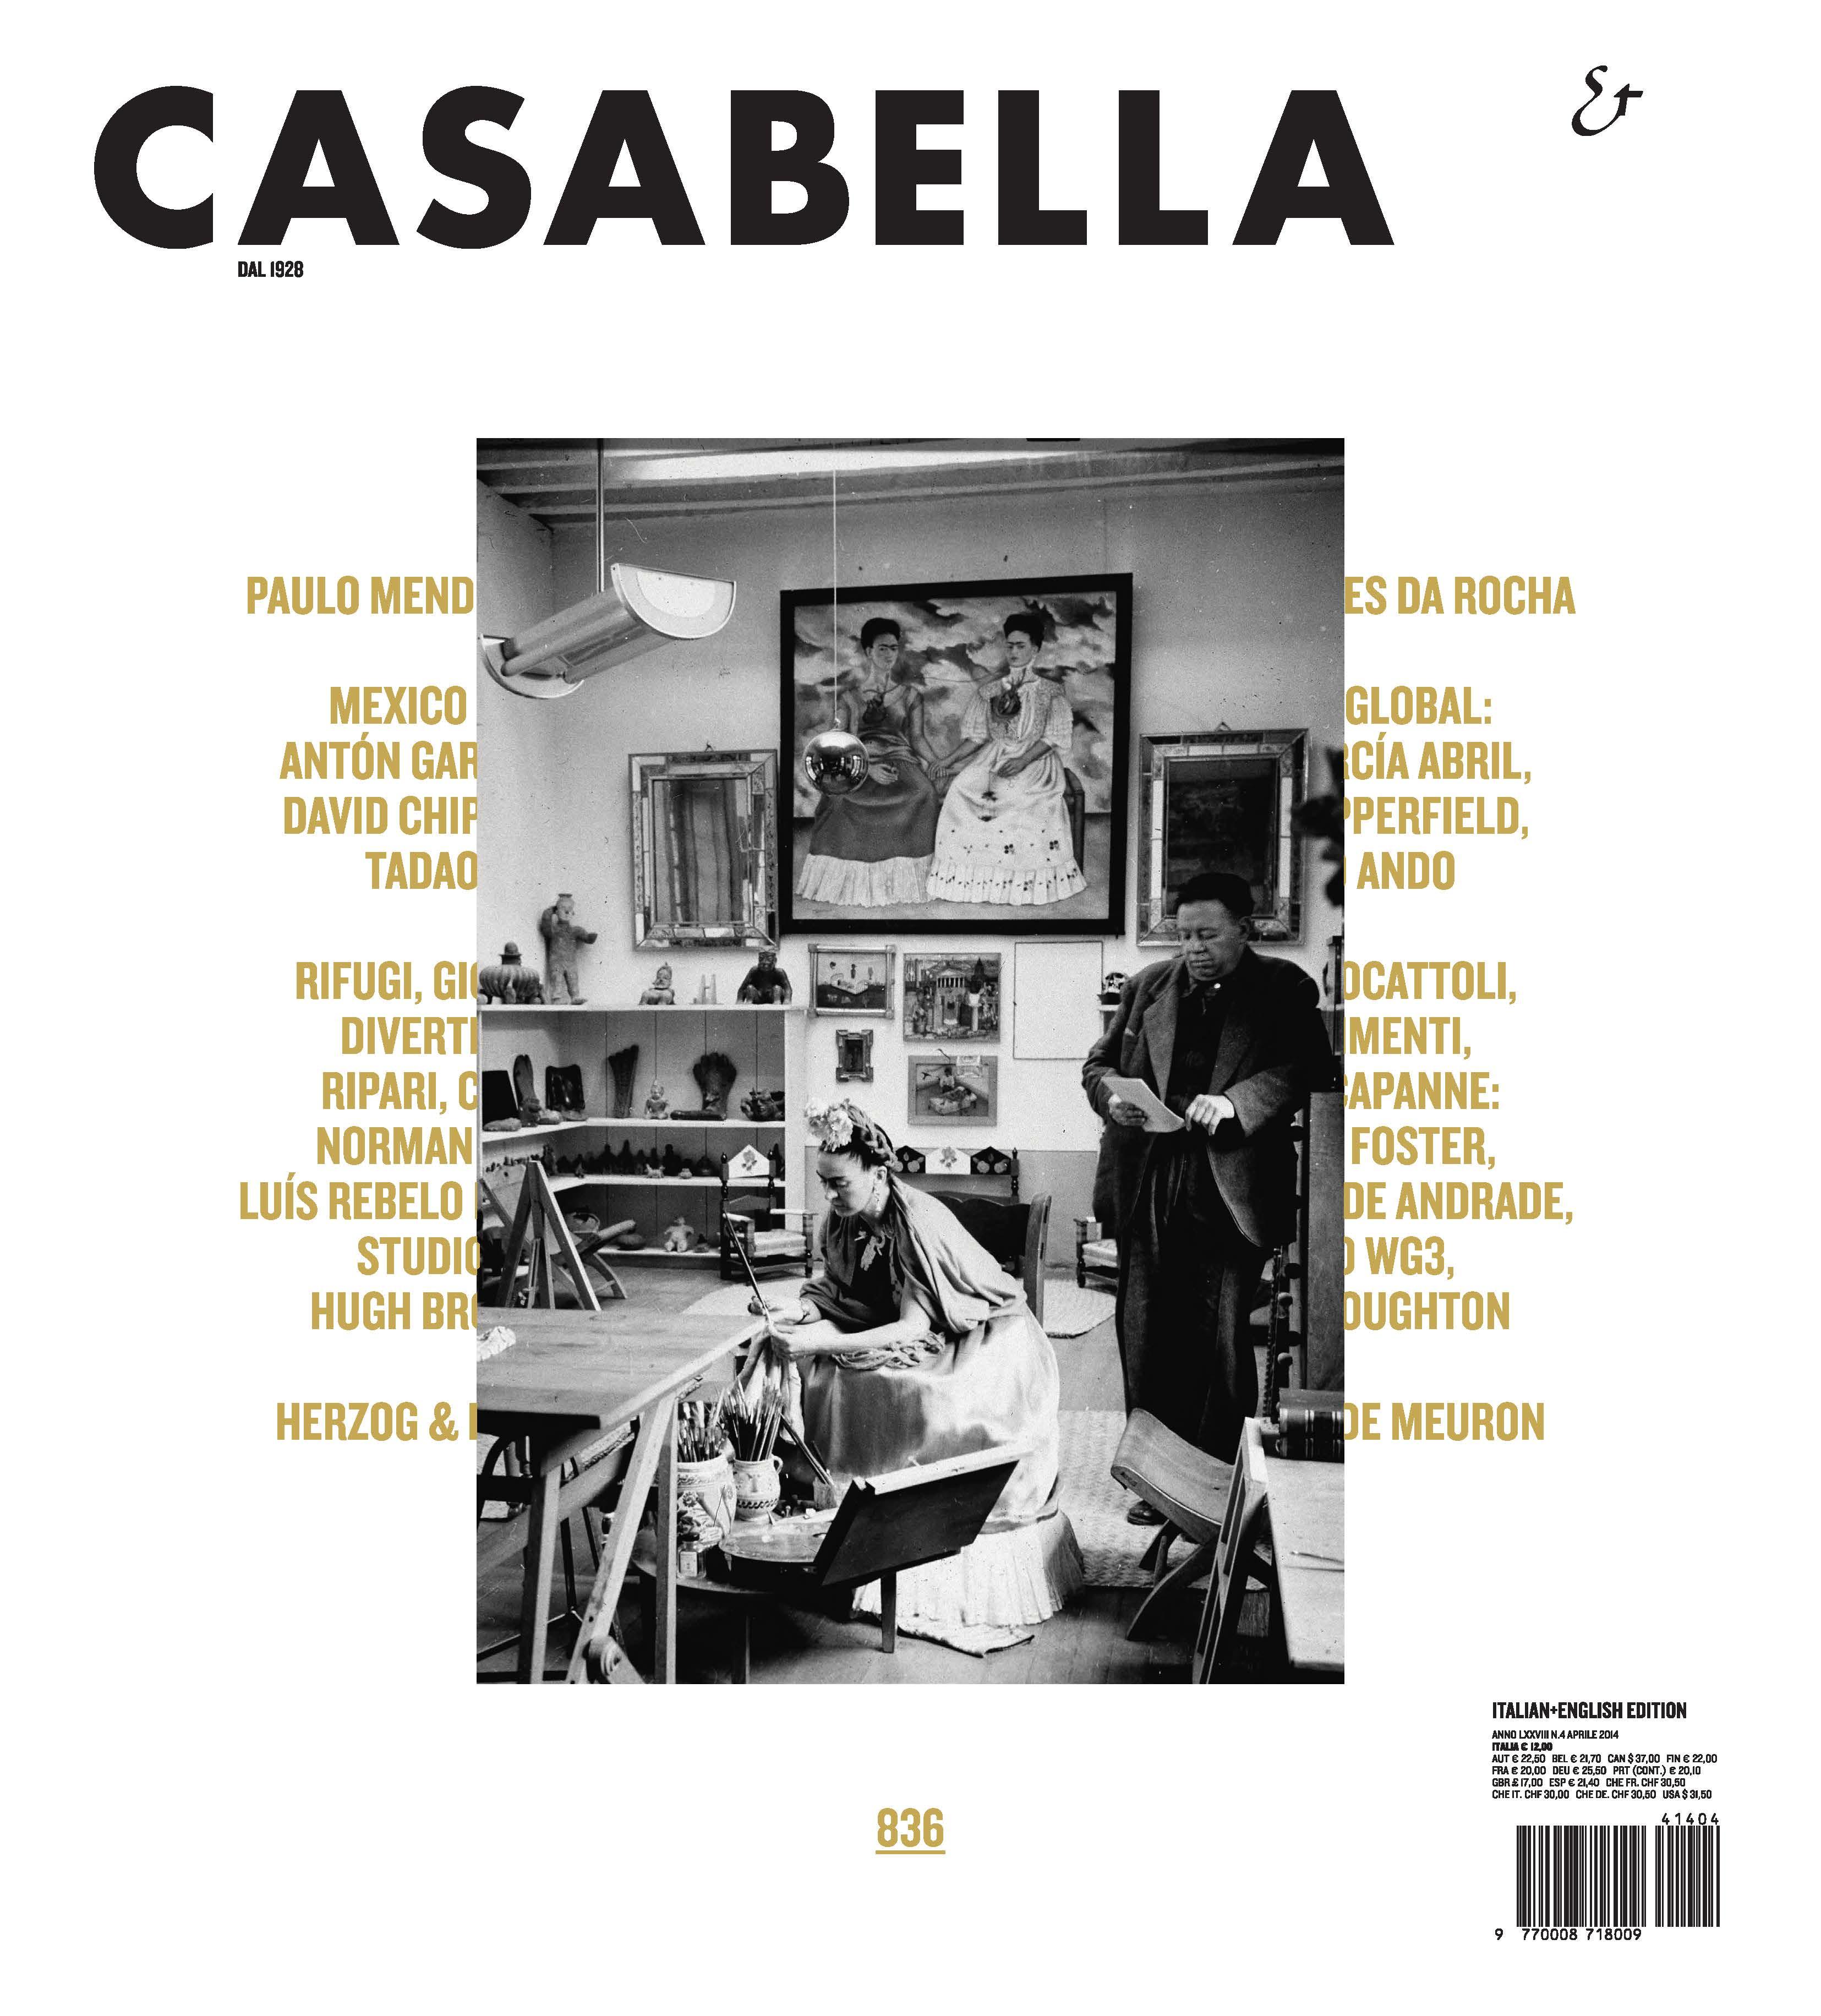 Pubblicomnow Casabella Apre Il Suo Laboratorio Al Design